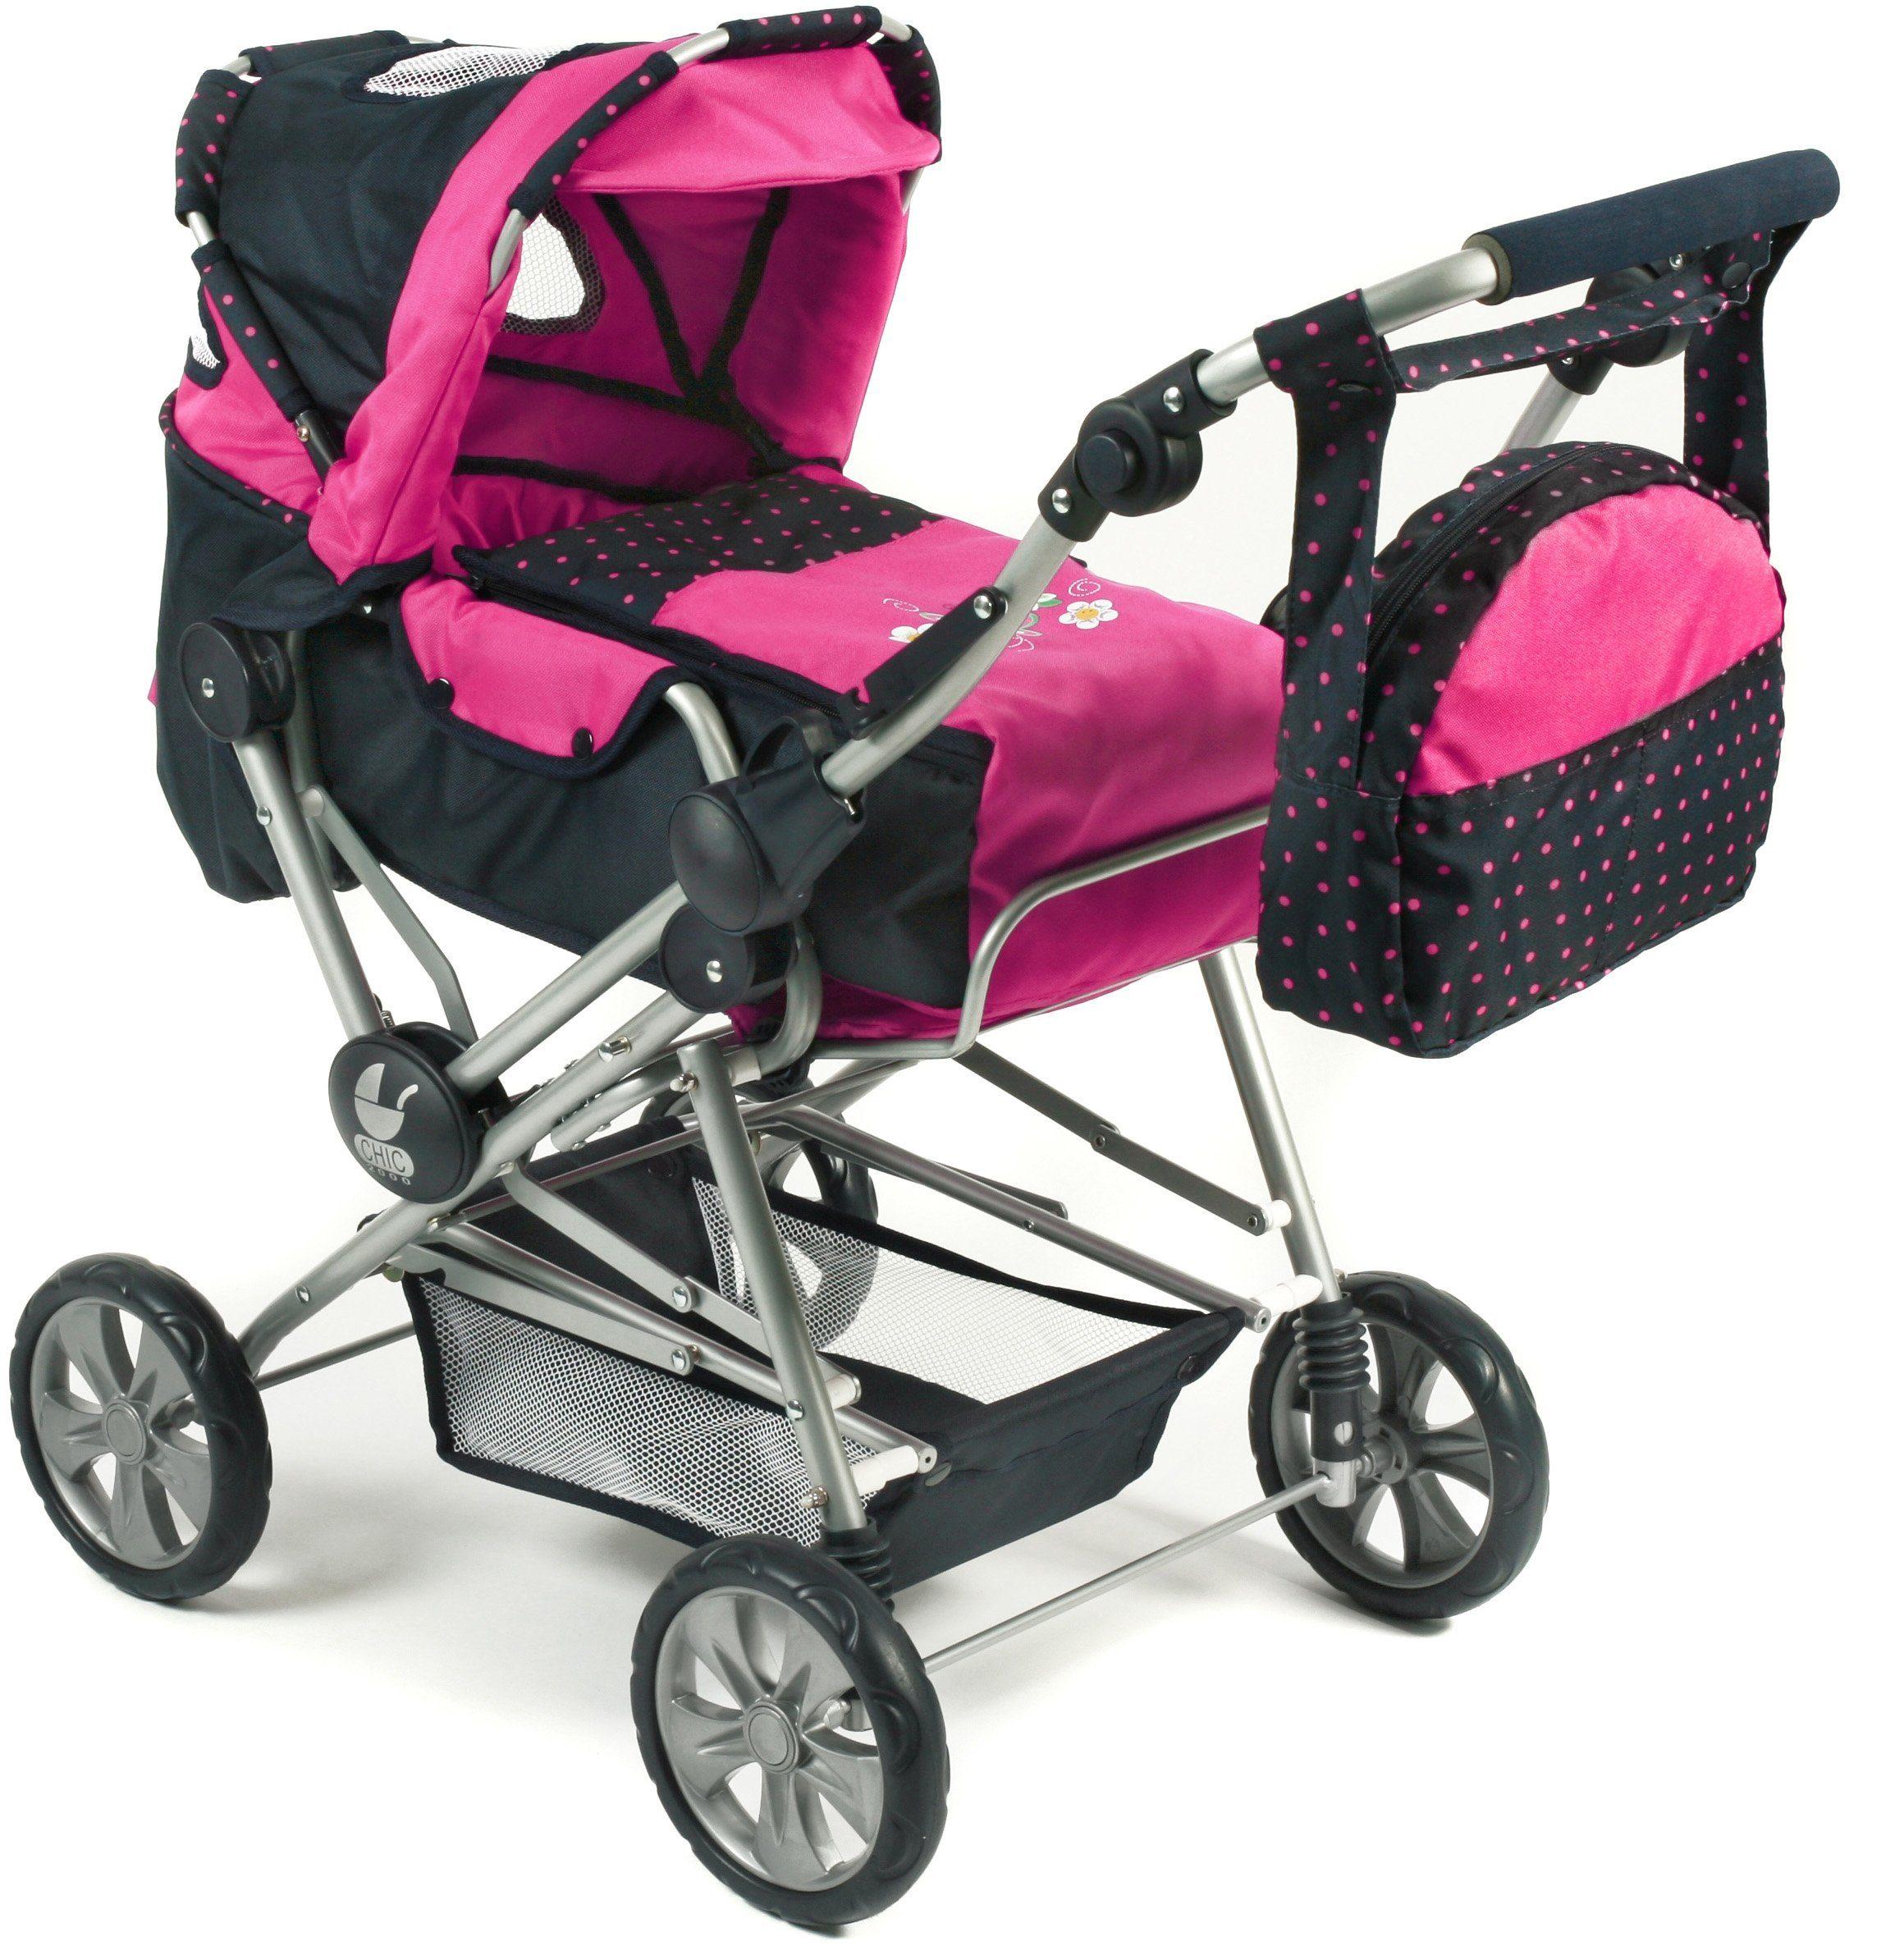 CHIC2000 Kombi Puppenwagen mit herausnehmbarer Tragetasche, »ROAD STAR Navy-pink«